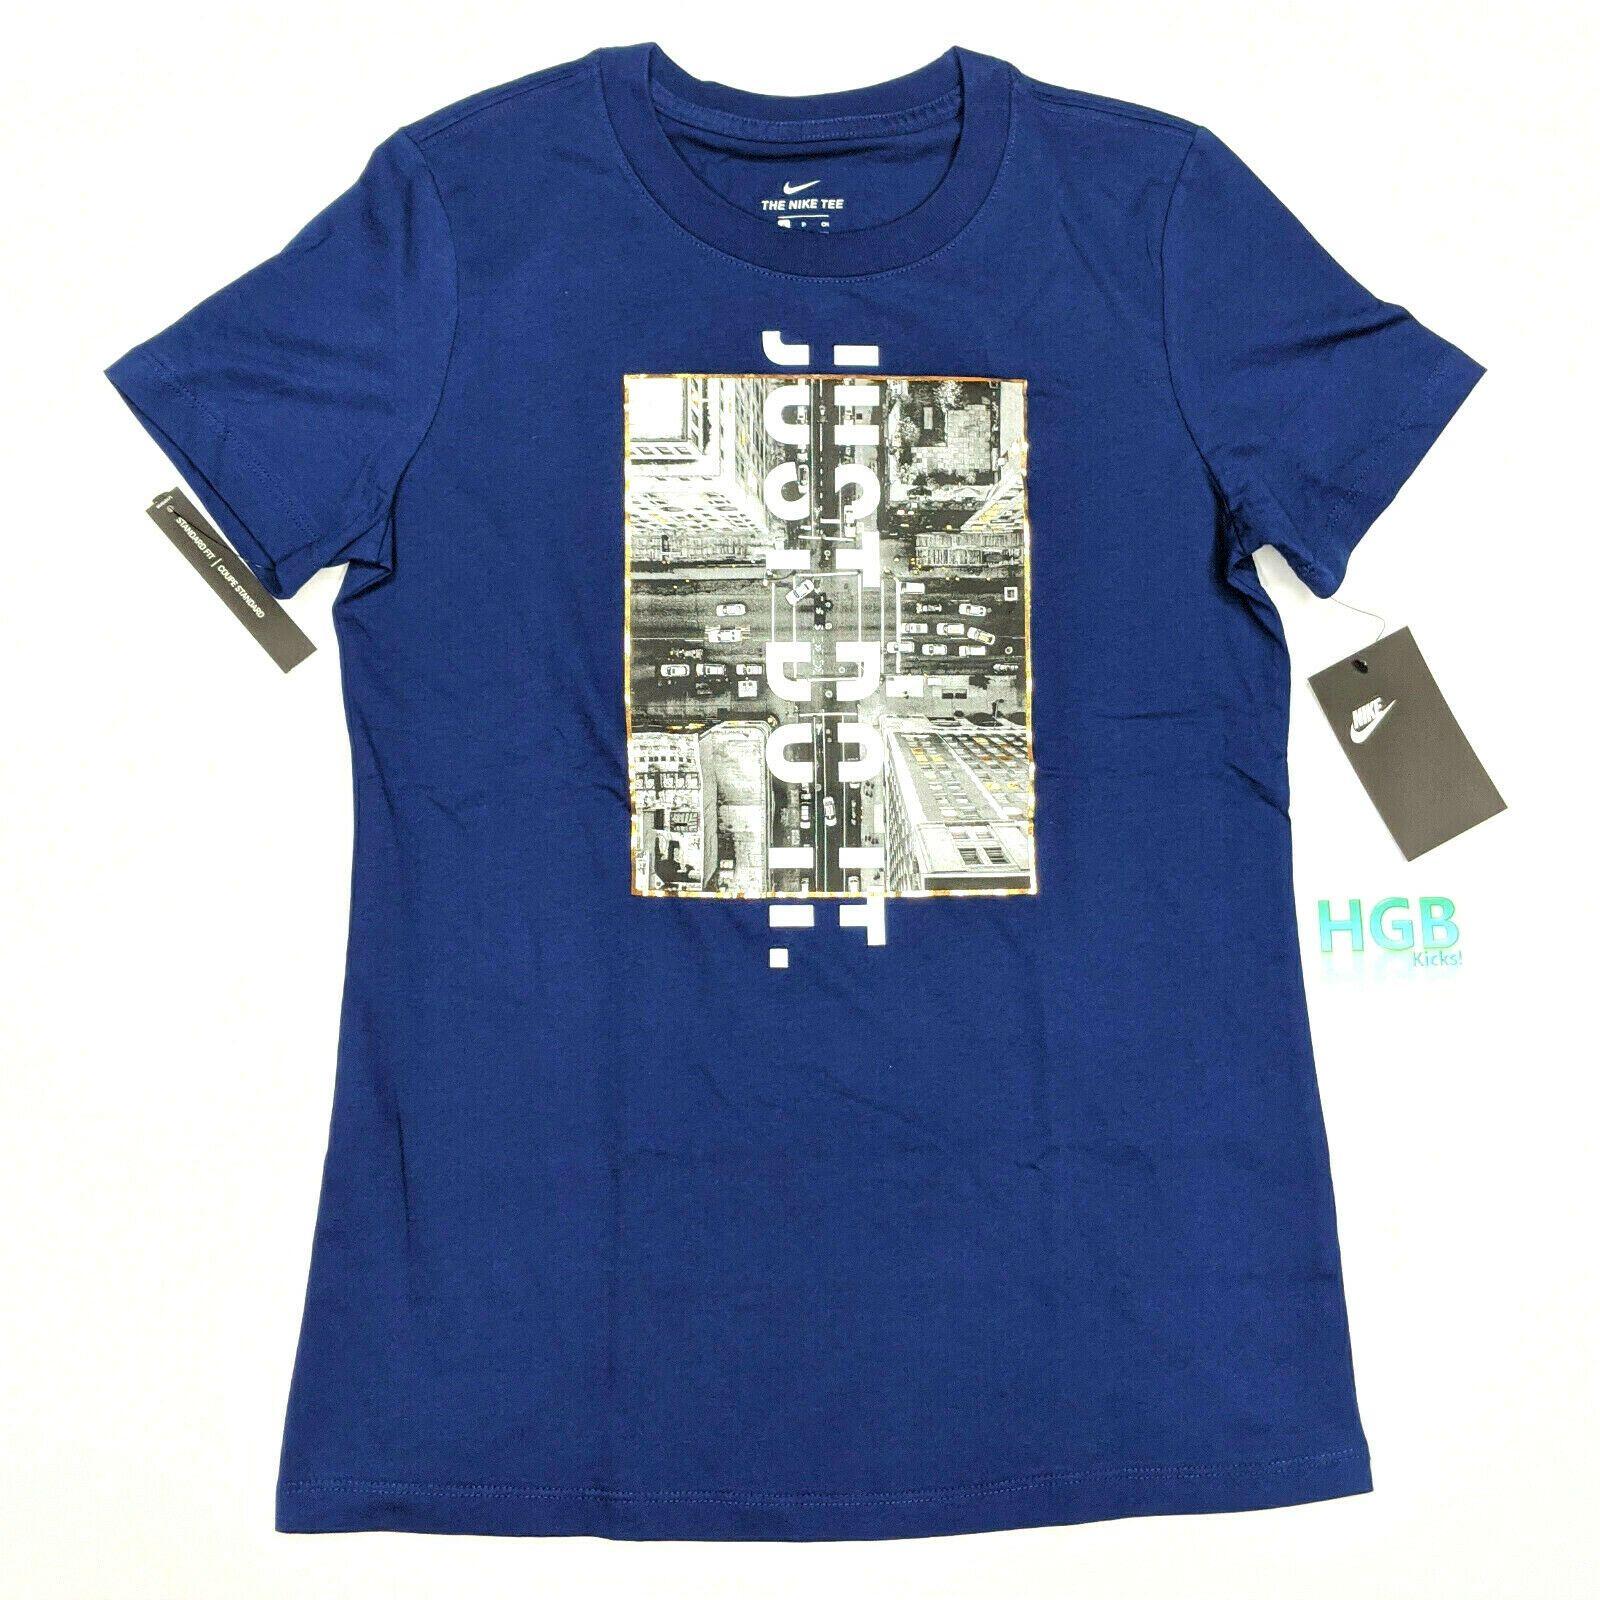 Nike Sportswear Nsw Tee Shirt Women S Blue Gold Metallic Jdi Ci5859 492 Nwt In 2020 Ladies Tee Shirts Sports Wear Women Sportswear Women